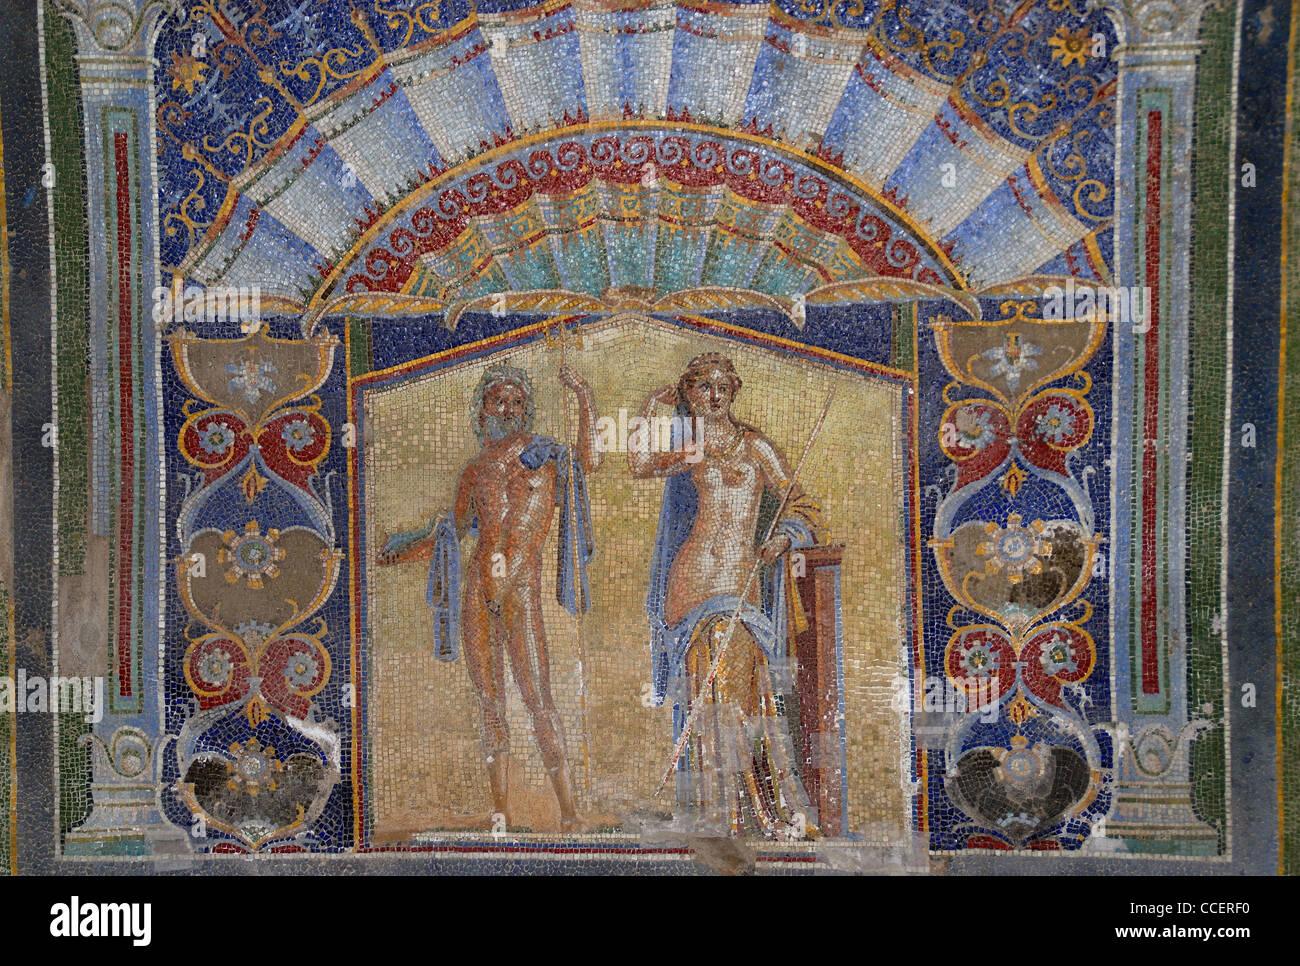 """Herculaneum, """"Casa del Mosaico di Nettuno e Anfitrite"""" (House of the Mosaic of Neptune and Amphitrite). Stock Photo"""